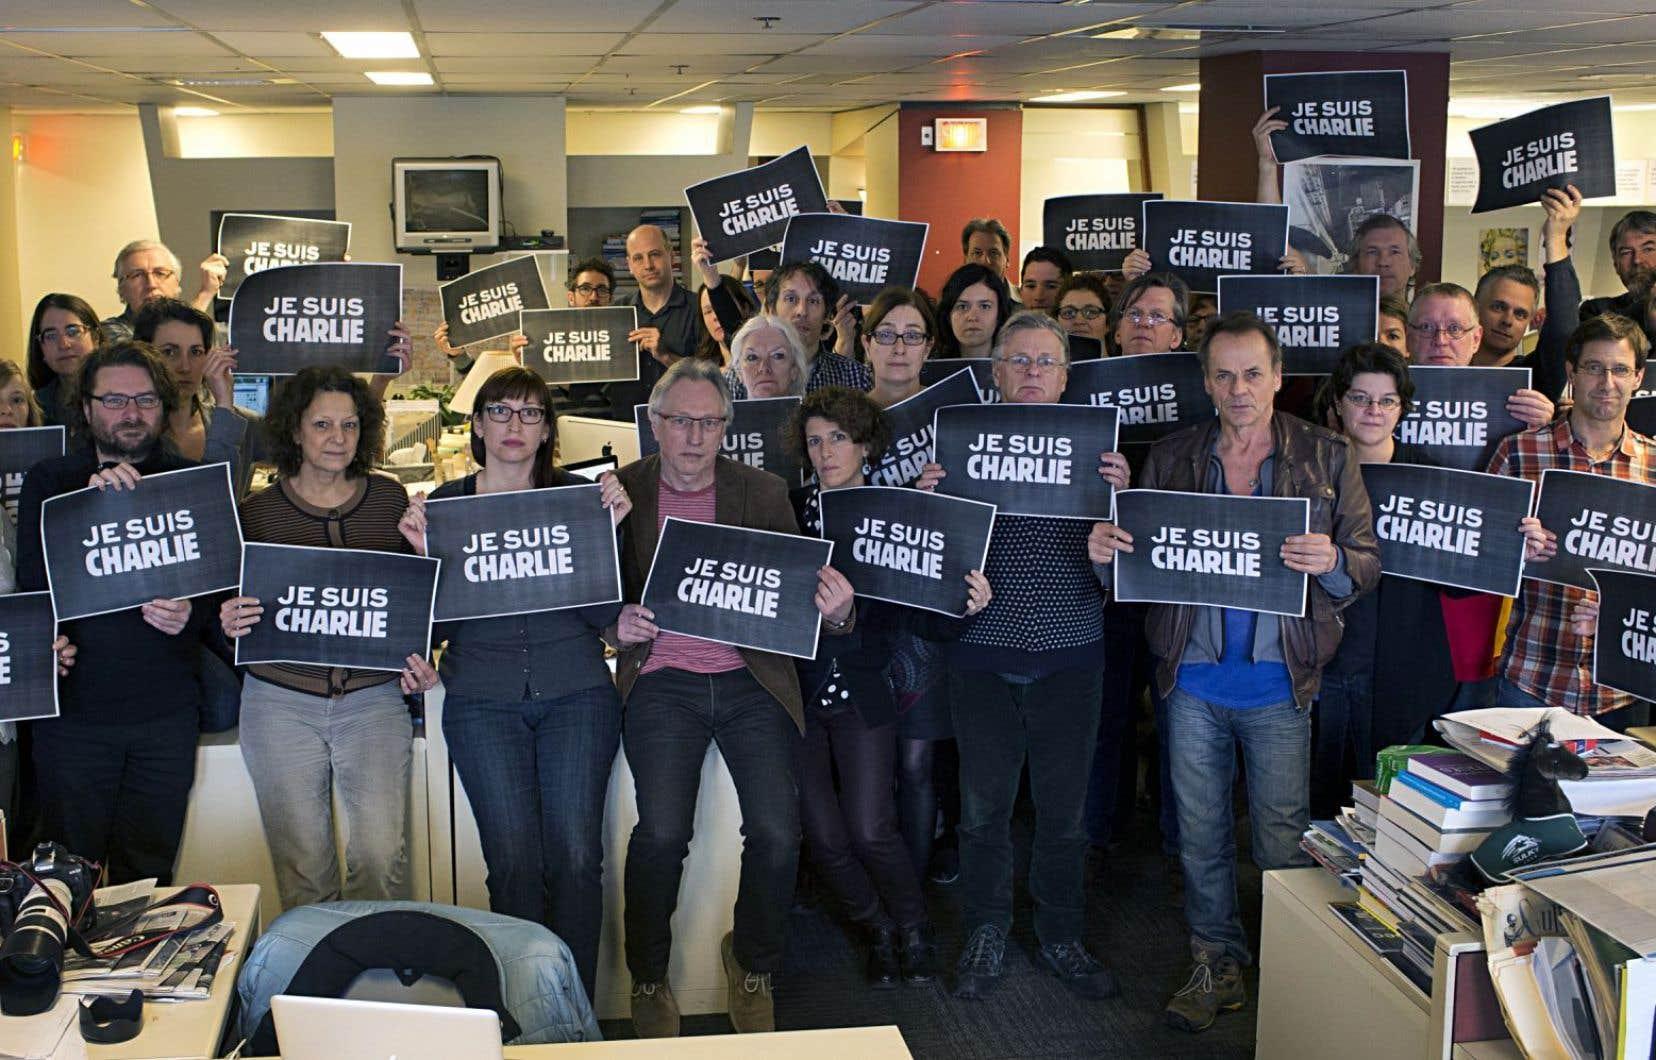 Comme plusieurs médias, <em>Le Devoir</em> s'est affiché sous la bannière «Je suis Charlie». À l'époque du scandale des caricatures de Mahomet, il avait été le seul média québécois à en publier une, toute petite.